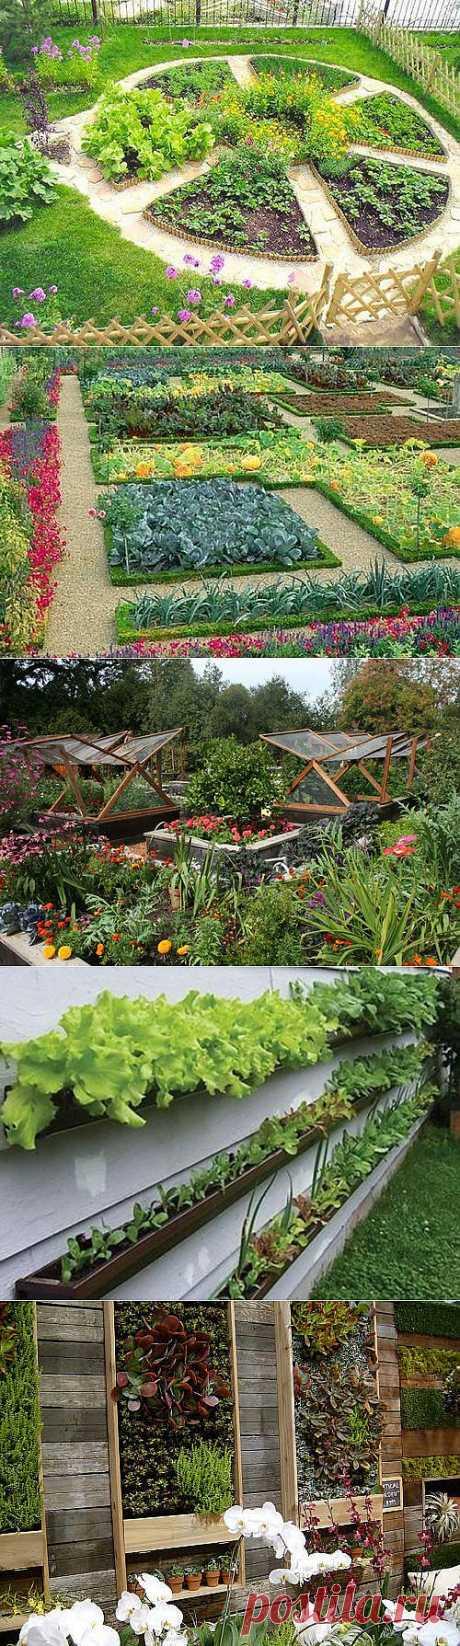 Декоративный огород: как сделать красивые грядки | Дом Мечты